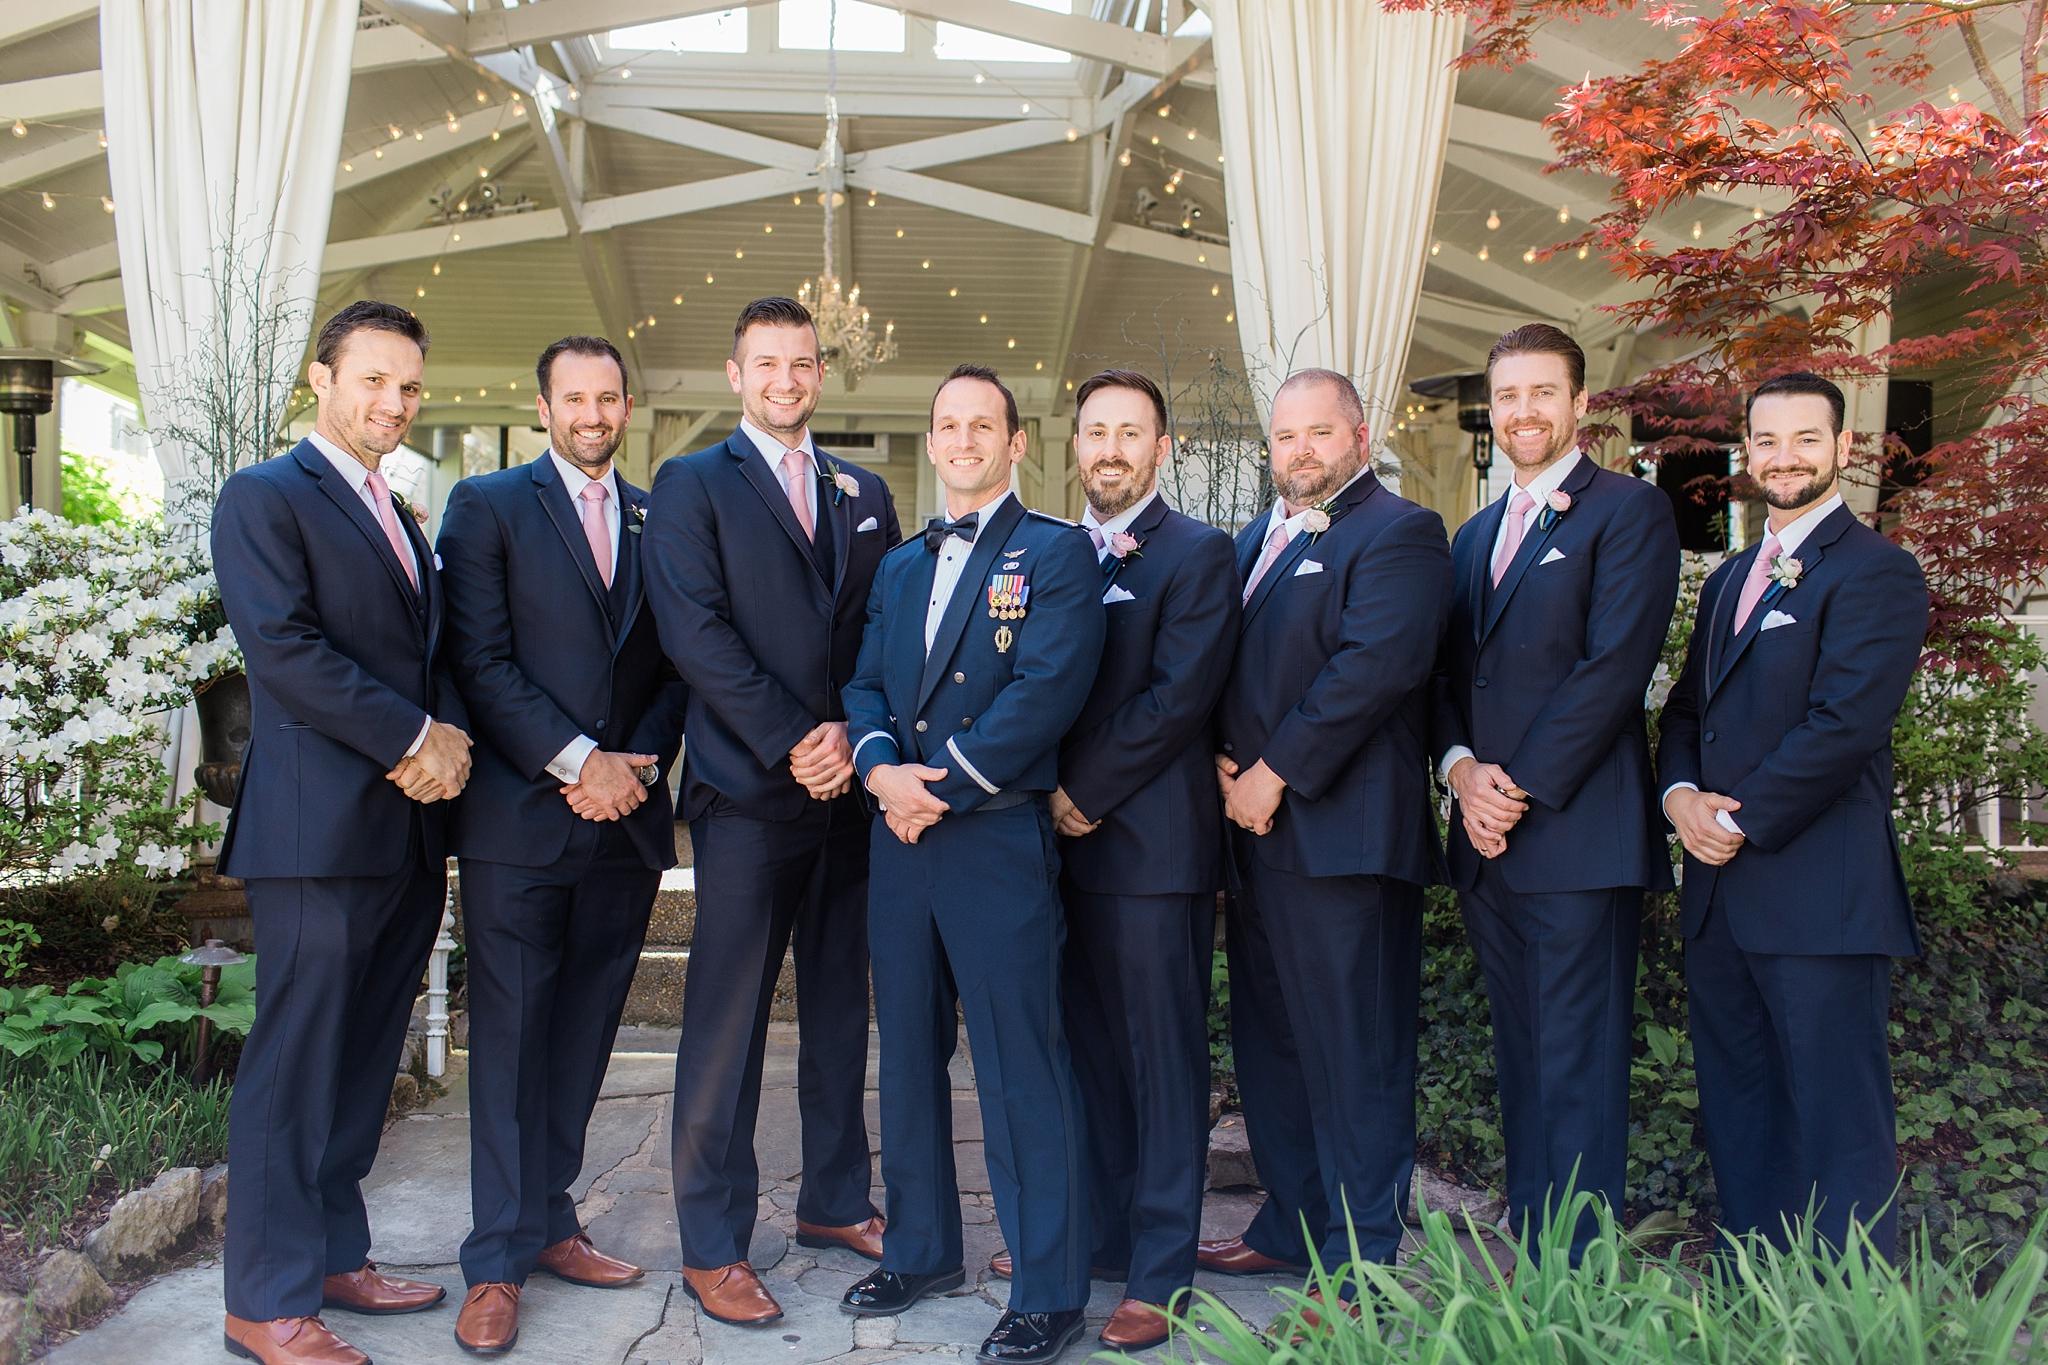 cjs-square-franklin-tn-groomsmen.jpg